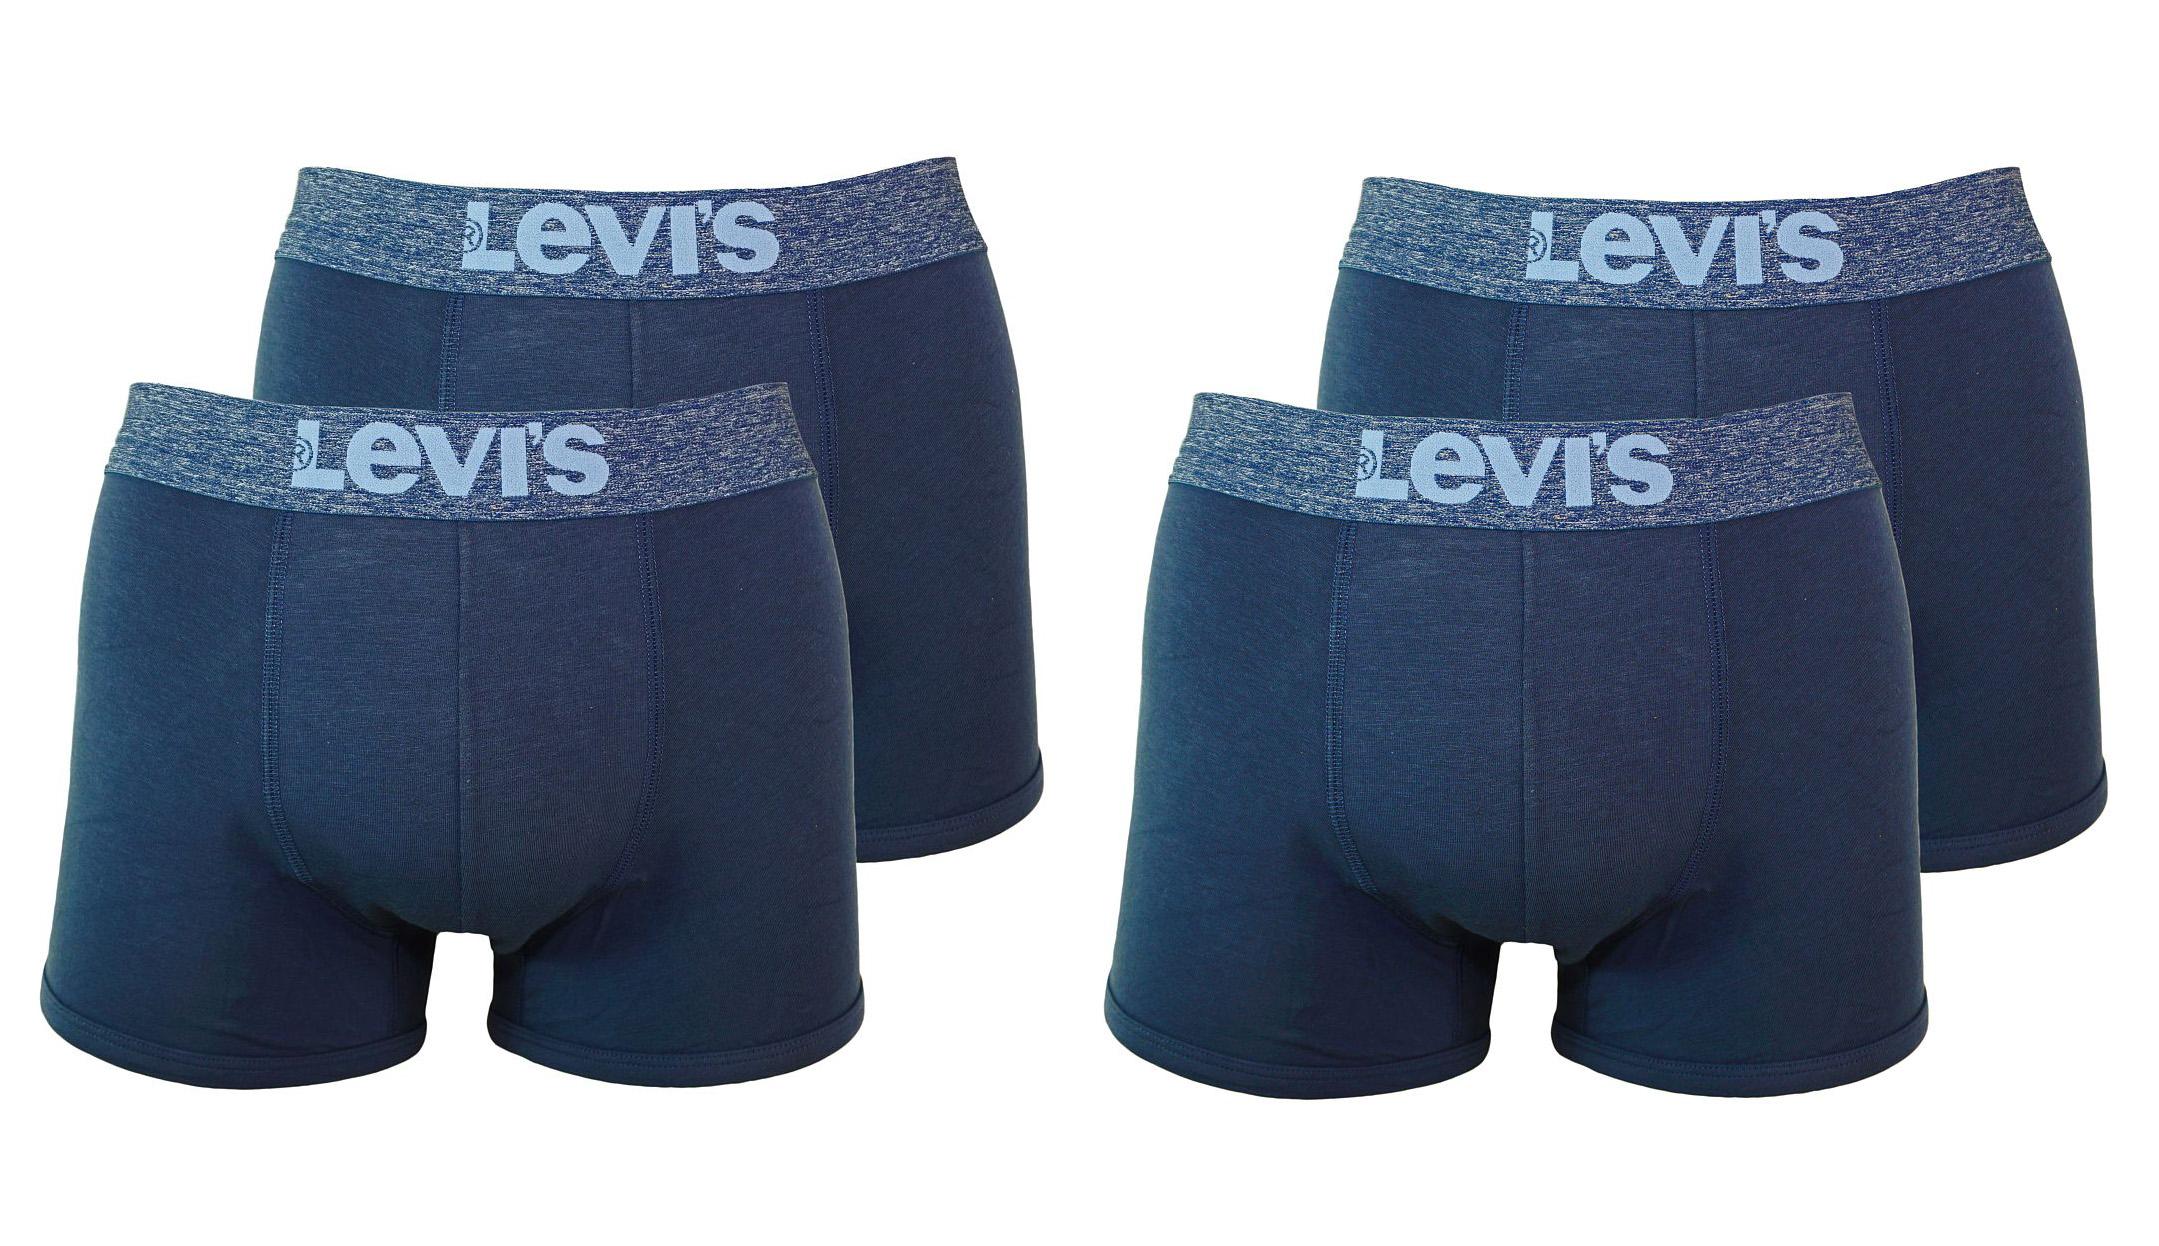 LEVIS Unterhosen 200SF 2 x 2er Pack Trunk 951008001 827 light denim SF17-LVS2